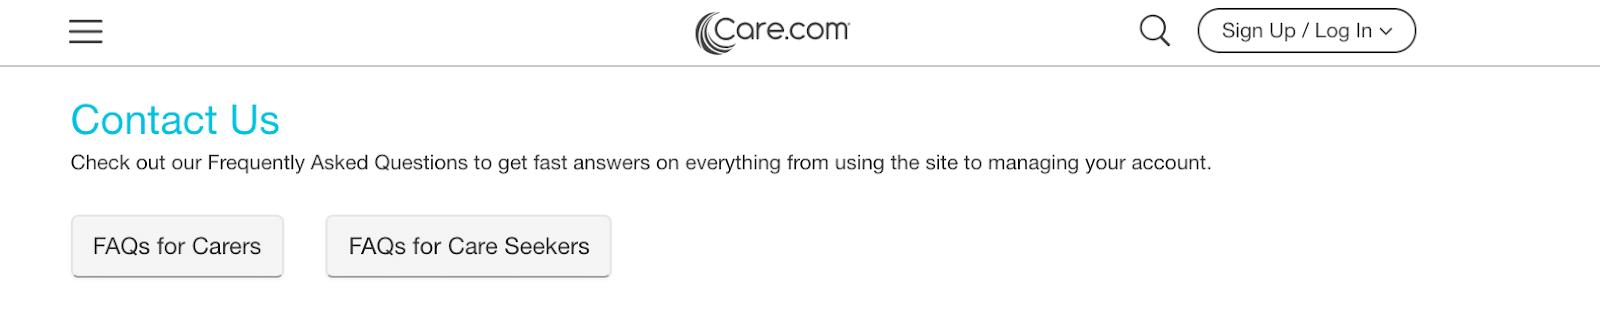 El número de teléfono de Care.com, otras formas de comunicarse con el servicio de atención al cliente de Care.com